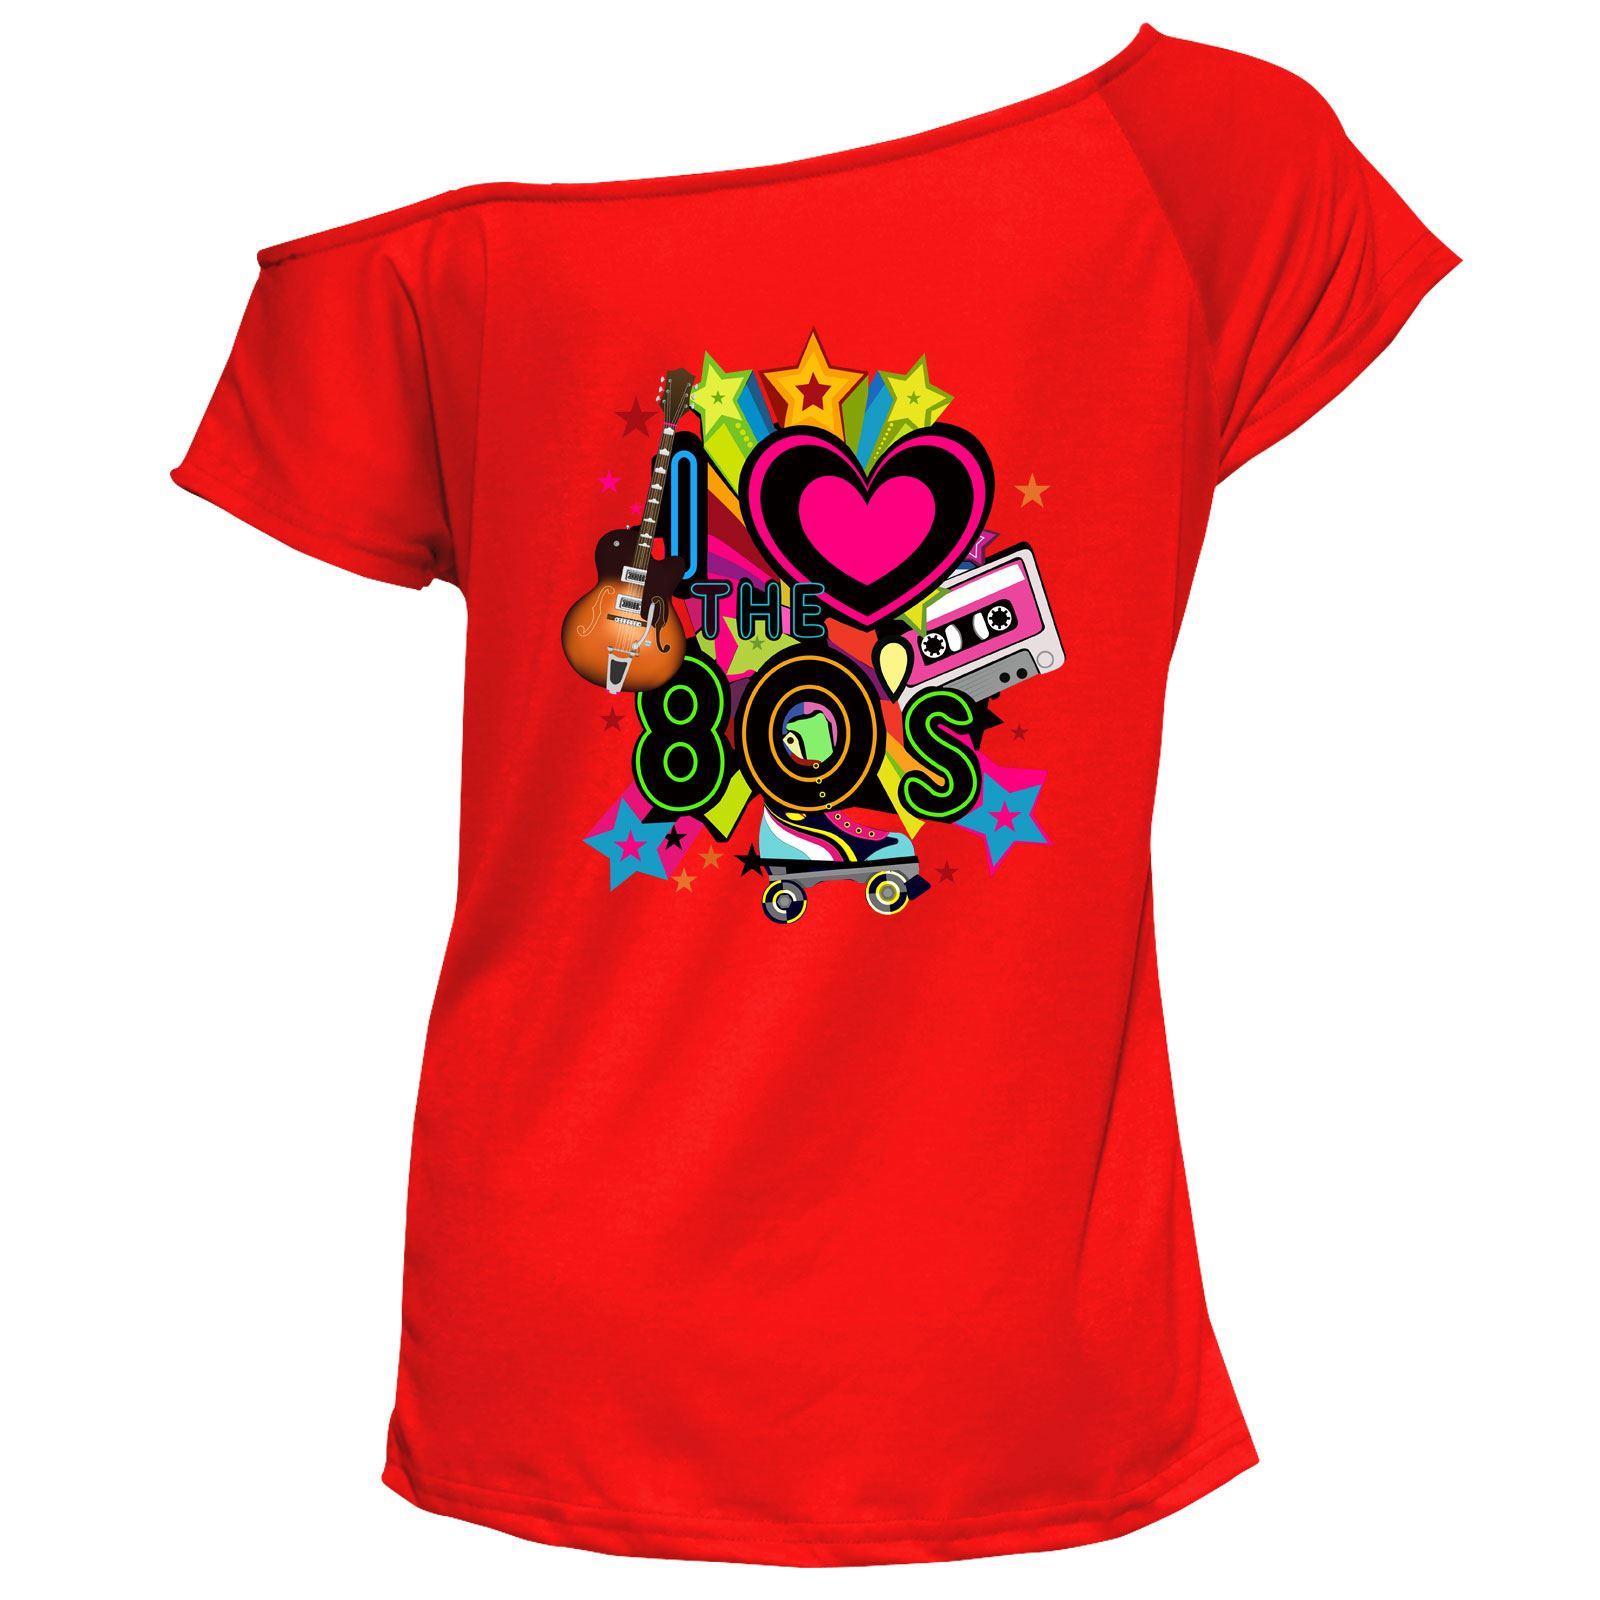 Senoras-me-encanta-el-80s-T-shirt-top-del-hombro-Gallina-Fiesta-Retro-Lote-de-6021758